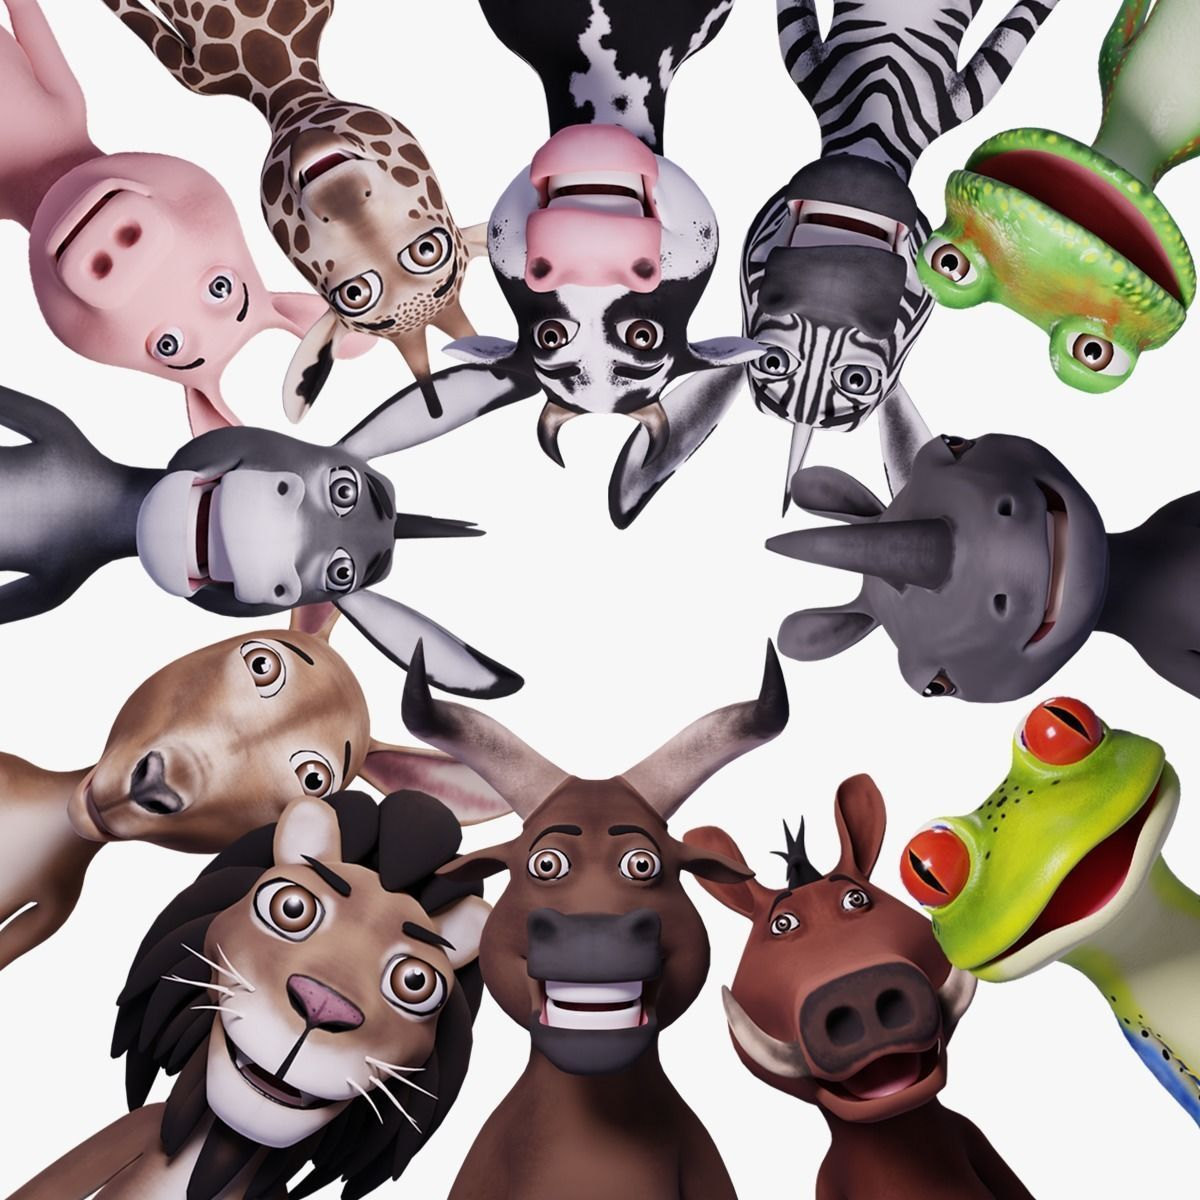 Toon Humanoid Animals Ultimate Vol 1